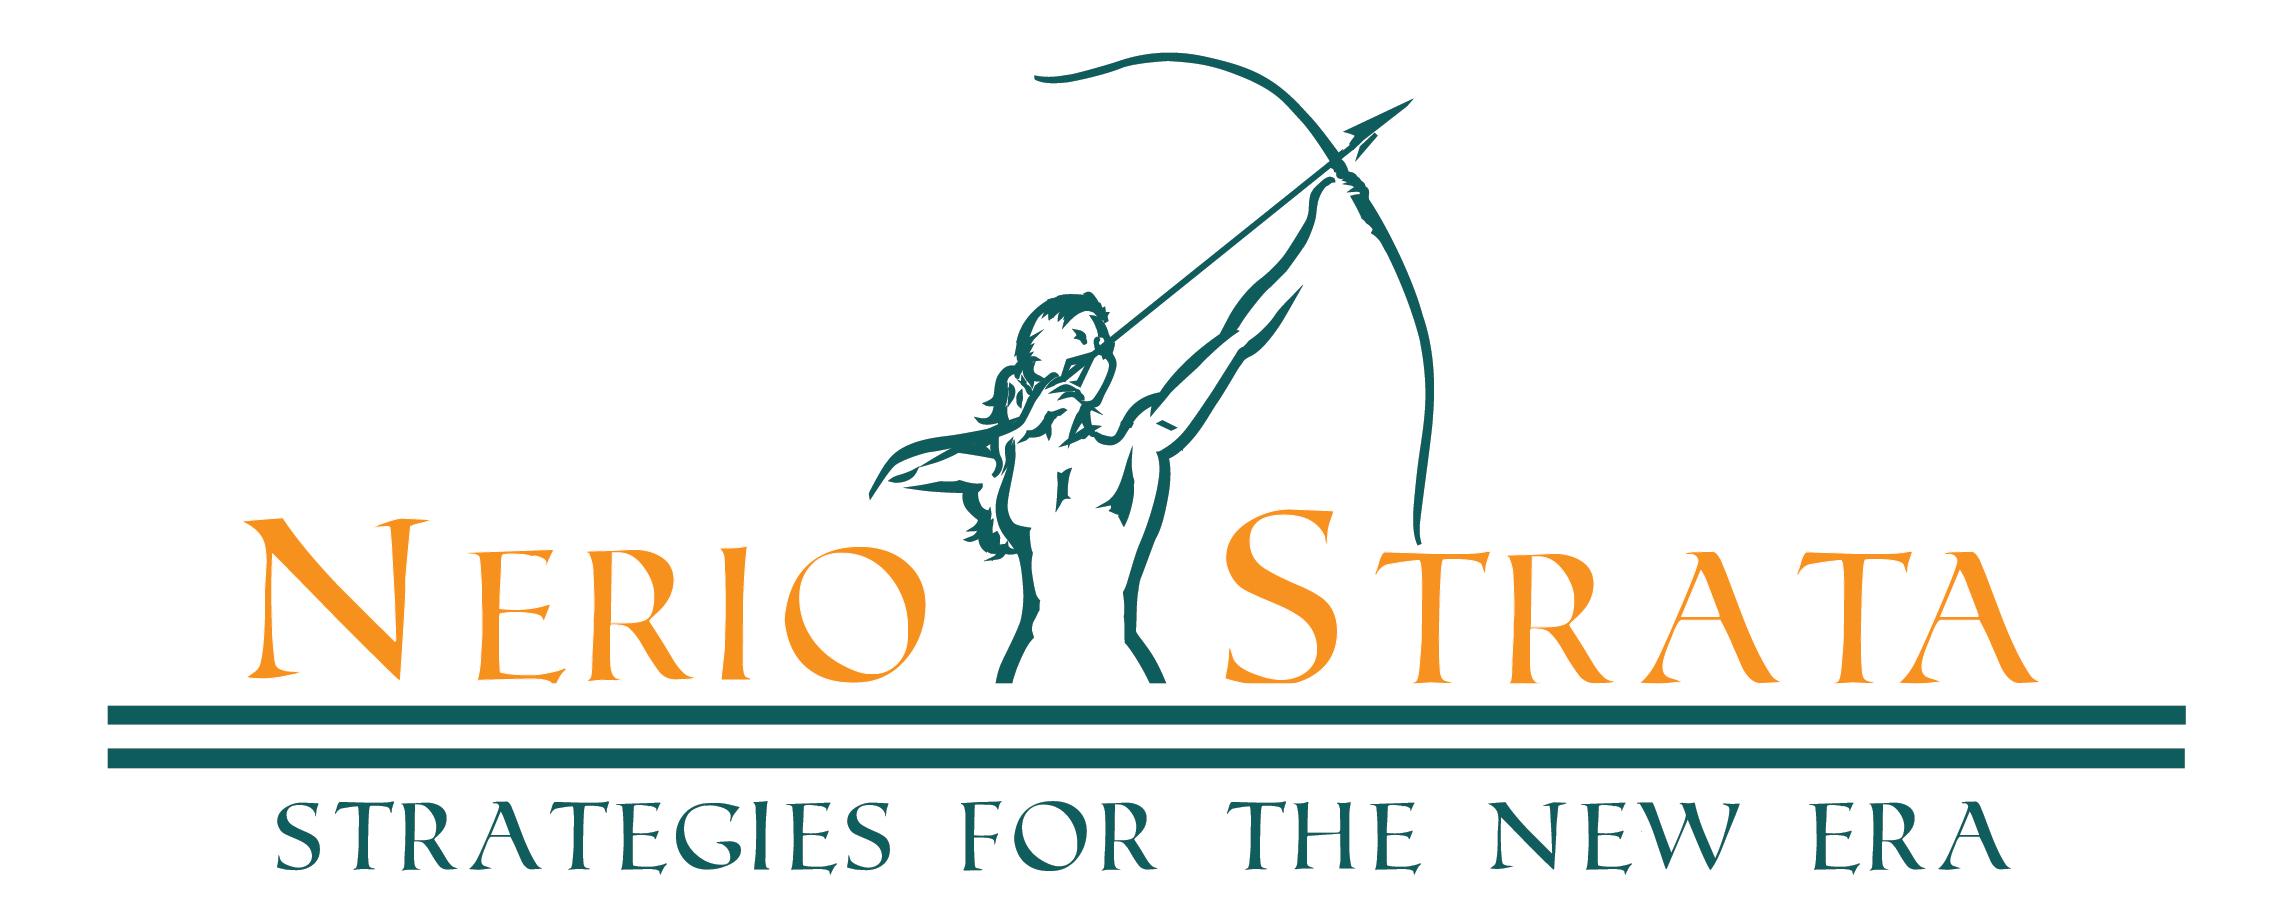 Nerio Strata